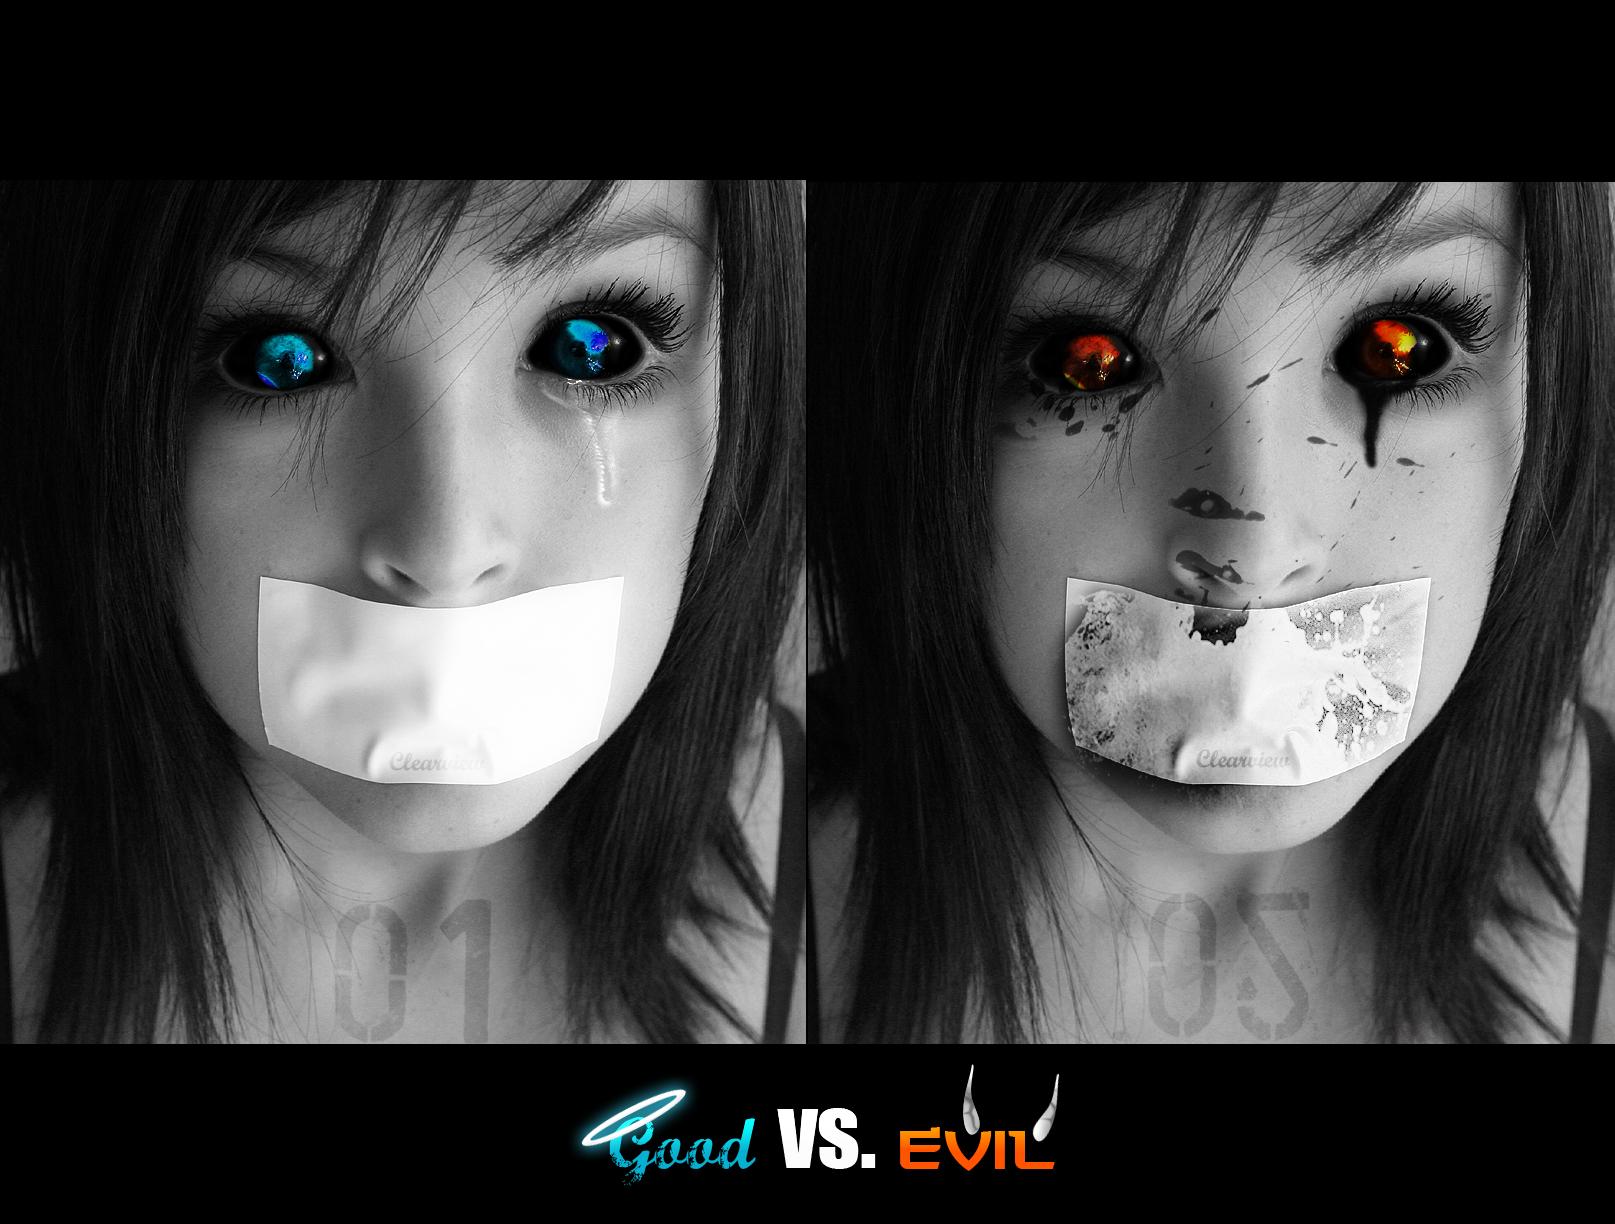 Good vs Evil Battle Wallpaper Good vs Evil Wallpaper by